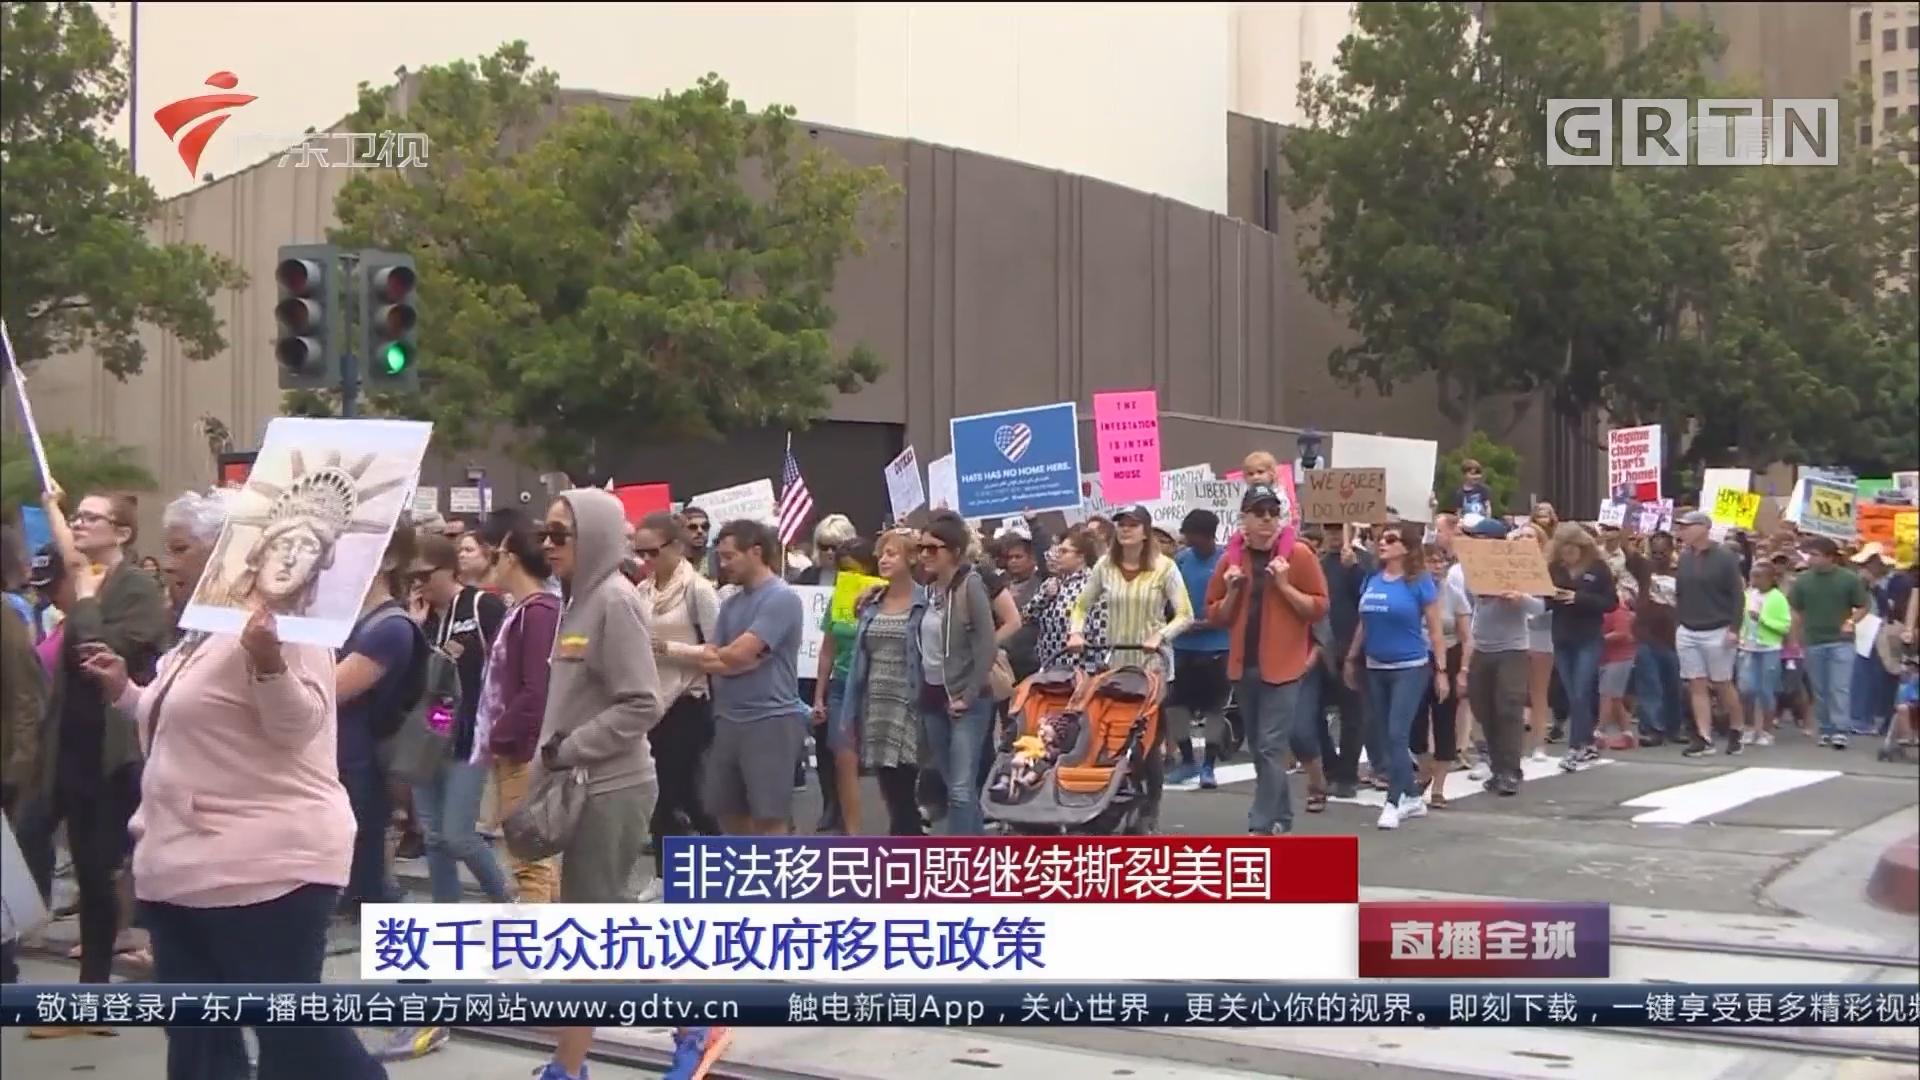 非法移民问题继续撕裂美国:数千民众抗议政府移民政策